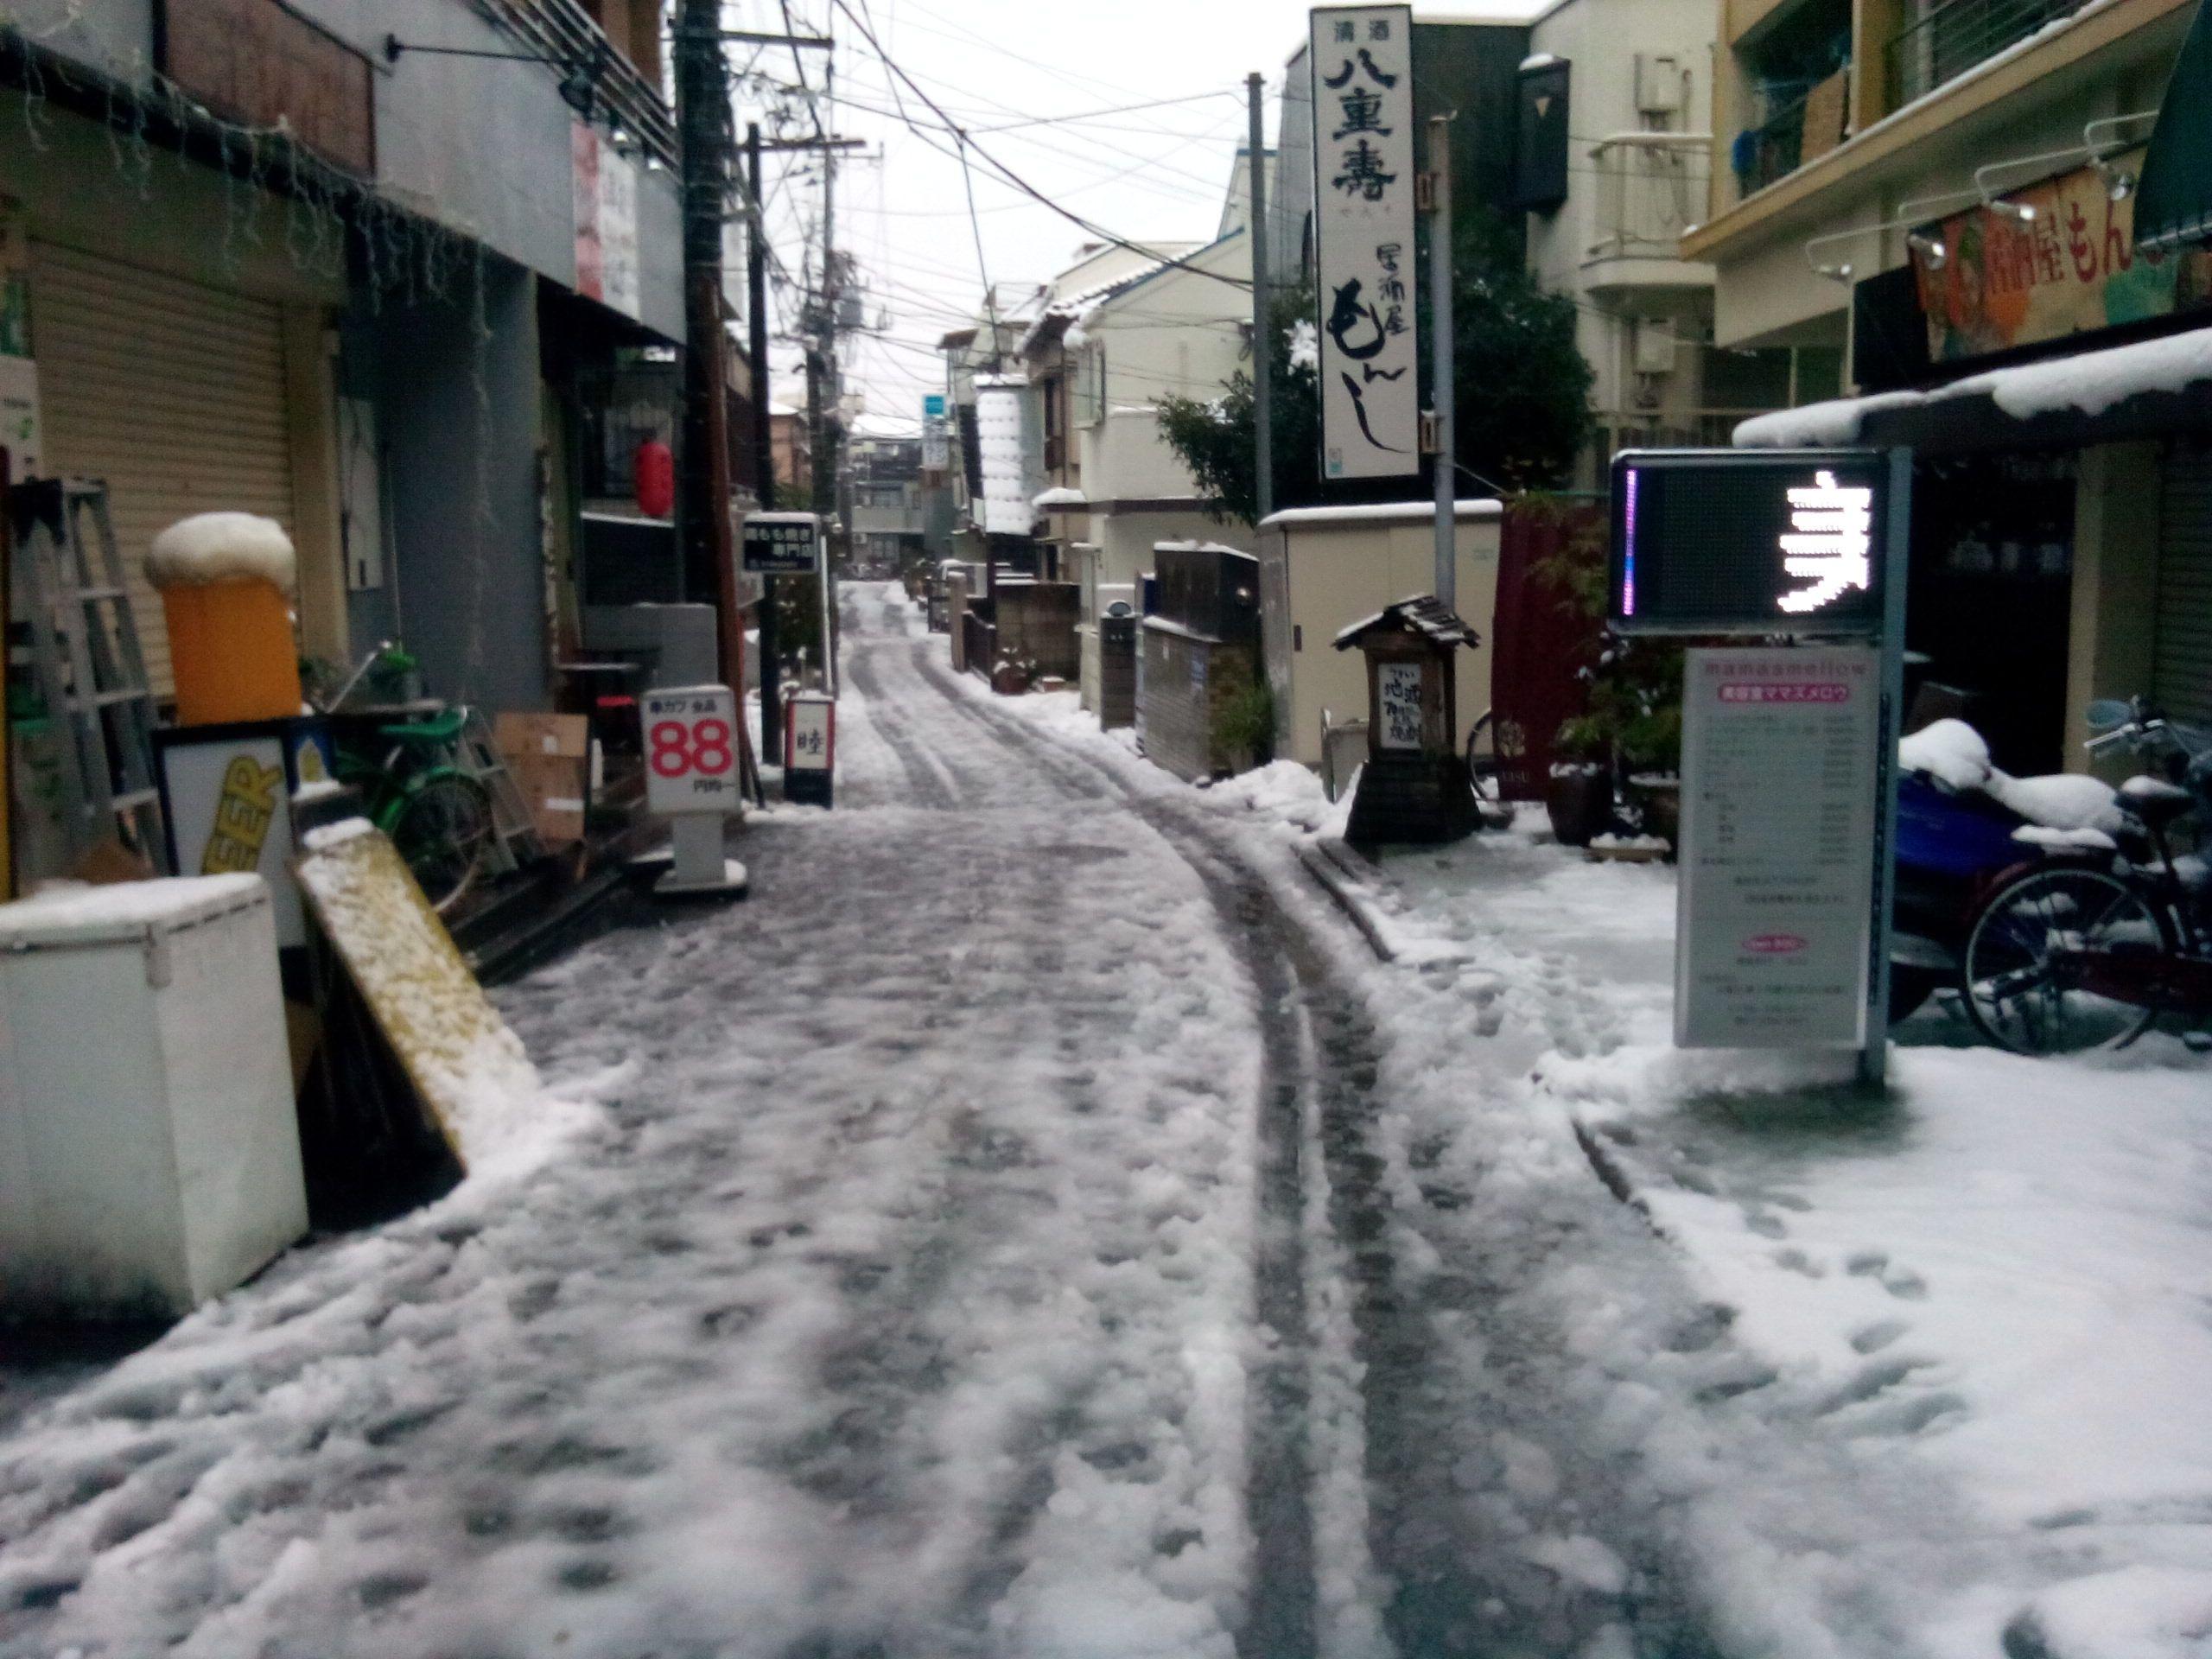 Calles en Invierno en Shinjuku Tokyo Japan